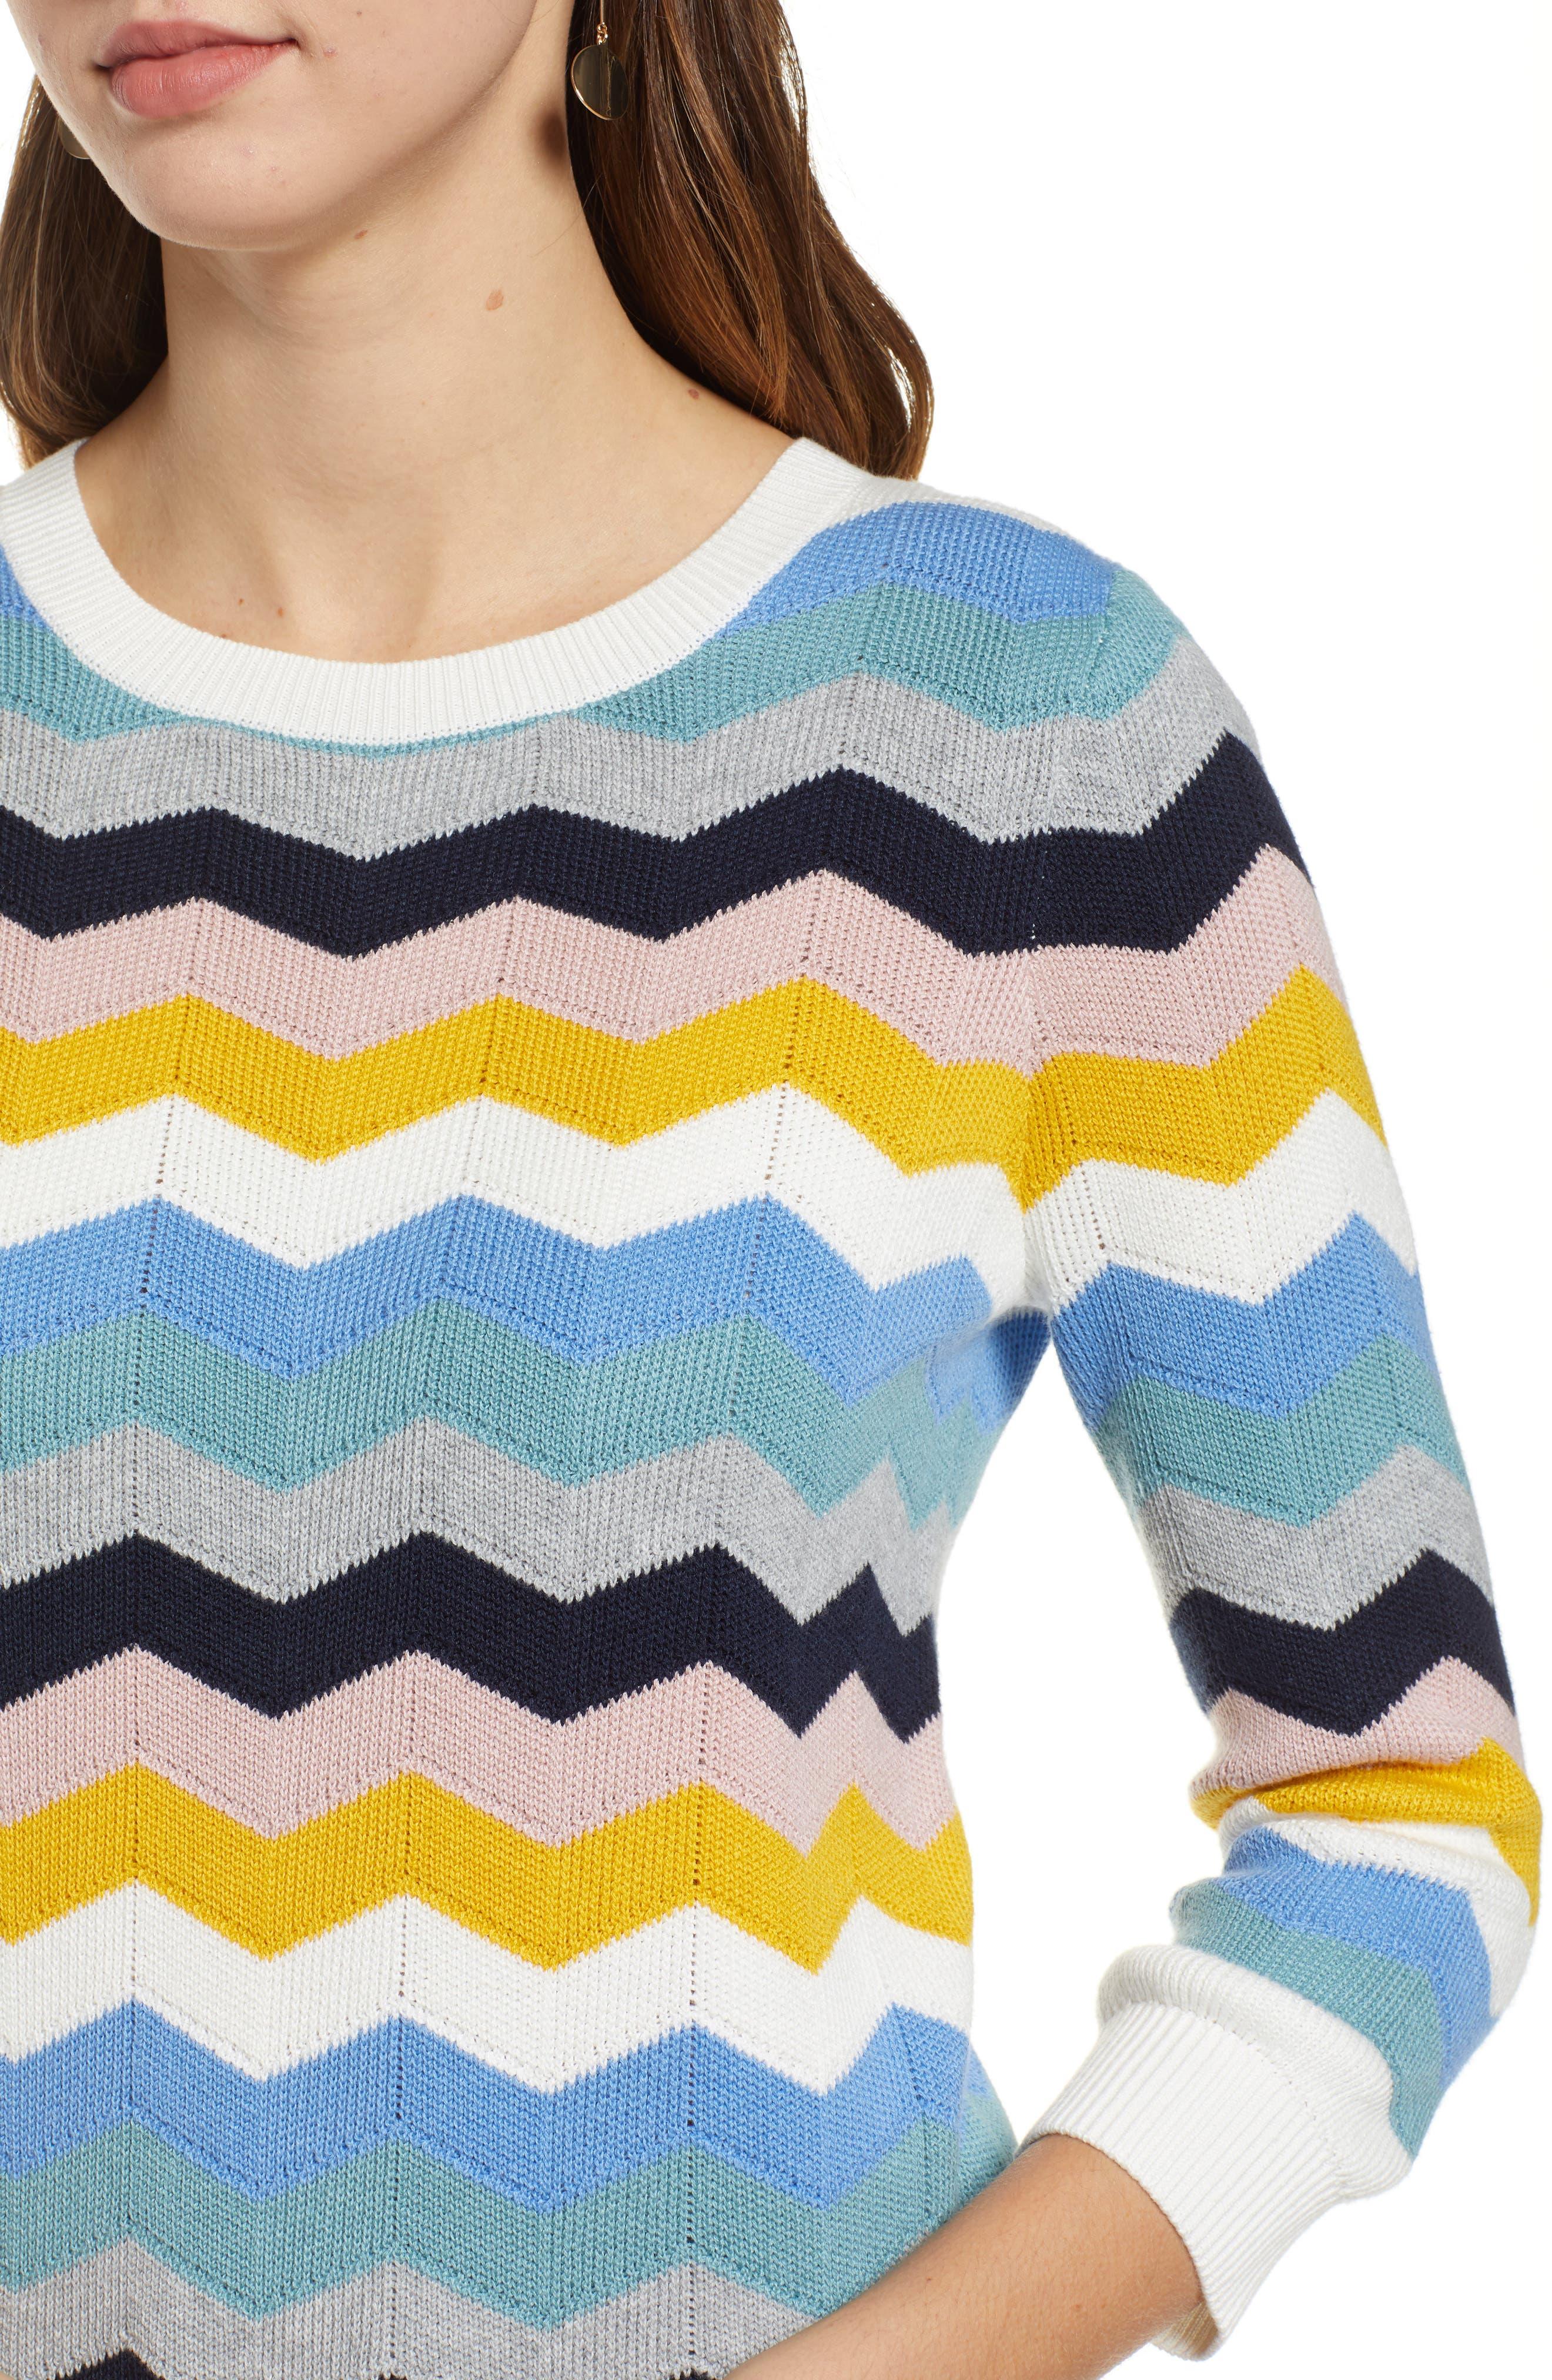 1901, Chevron Jacquard Sweater, Alternate thumbnail 4, color, BLUE MULTI CHEVRON PATTERN